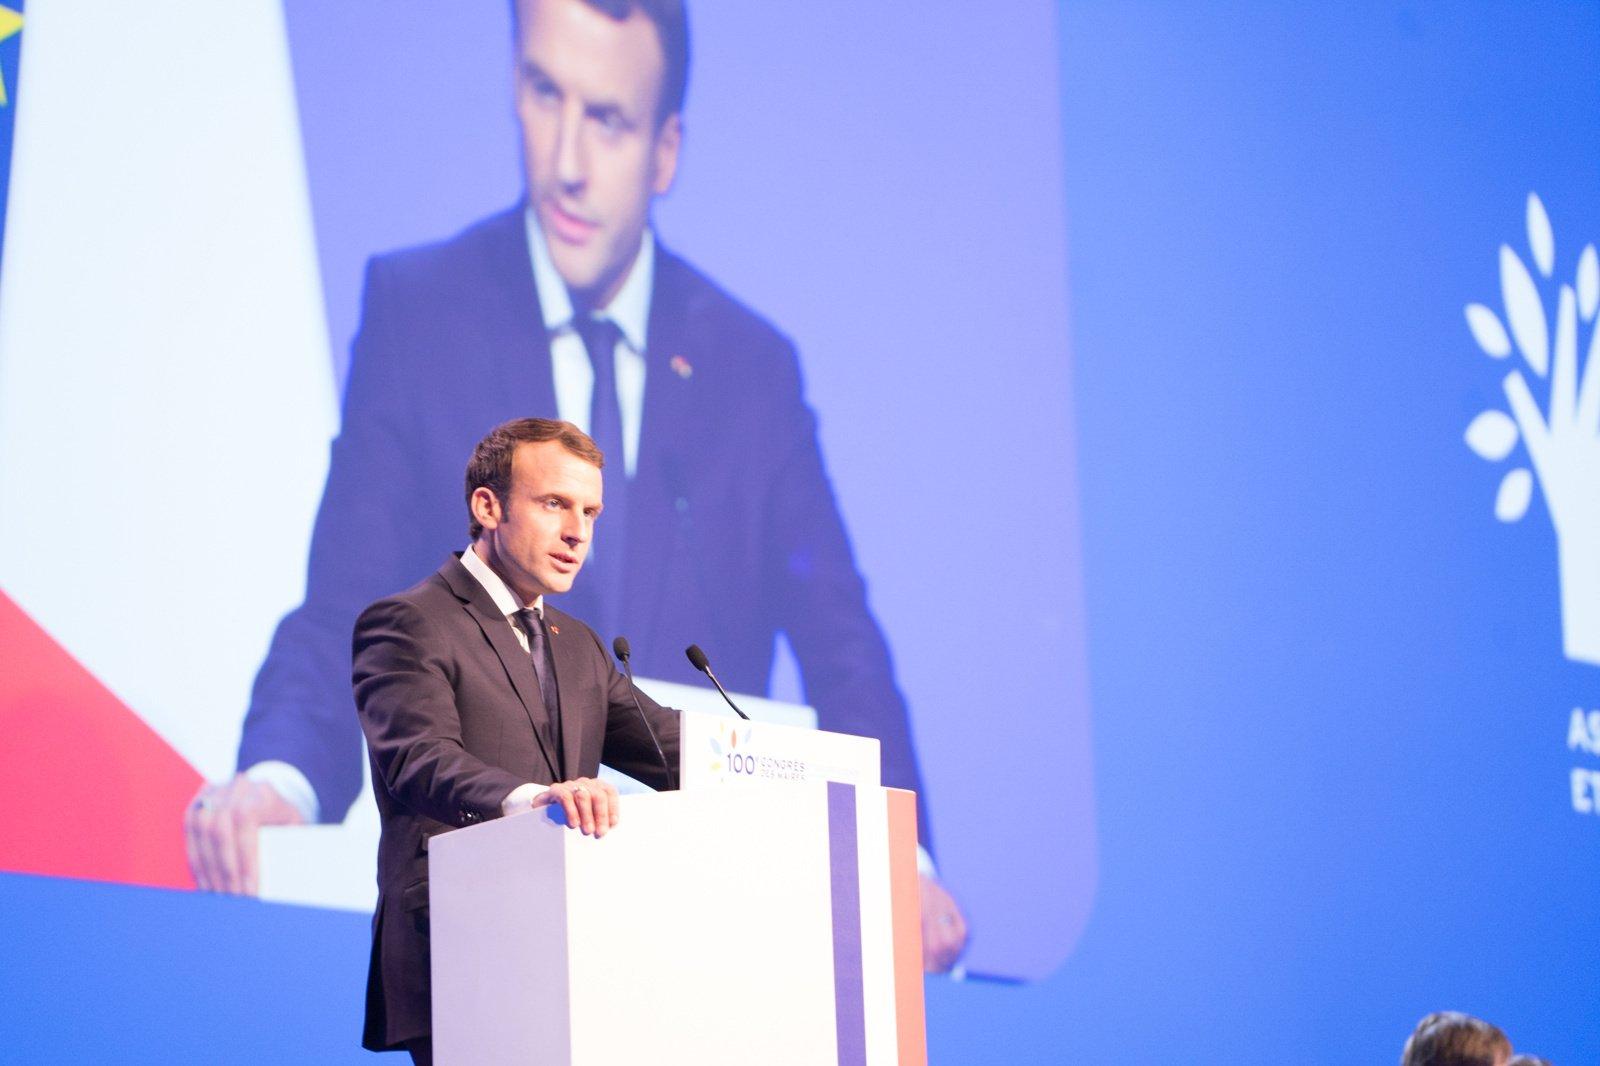 Prancūzijos prezidento vizito išvakarėse – Lietuvių menininkų ir mokslininkų raginimas išgirsti baltarusių laisvės šauksmą